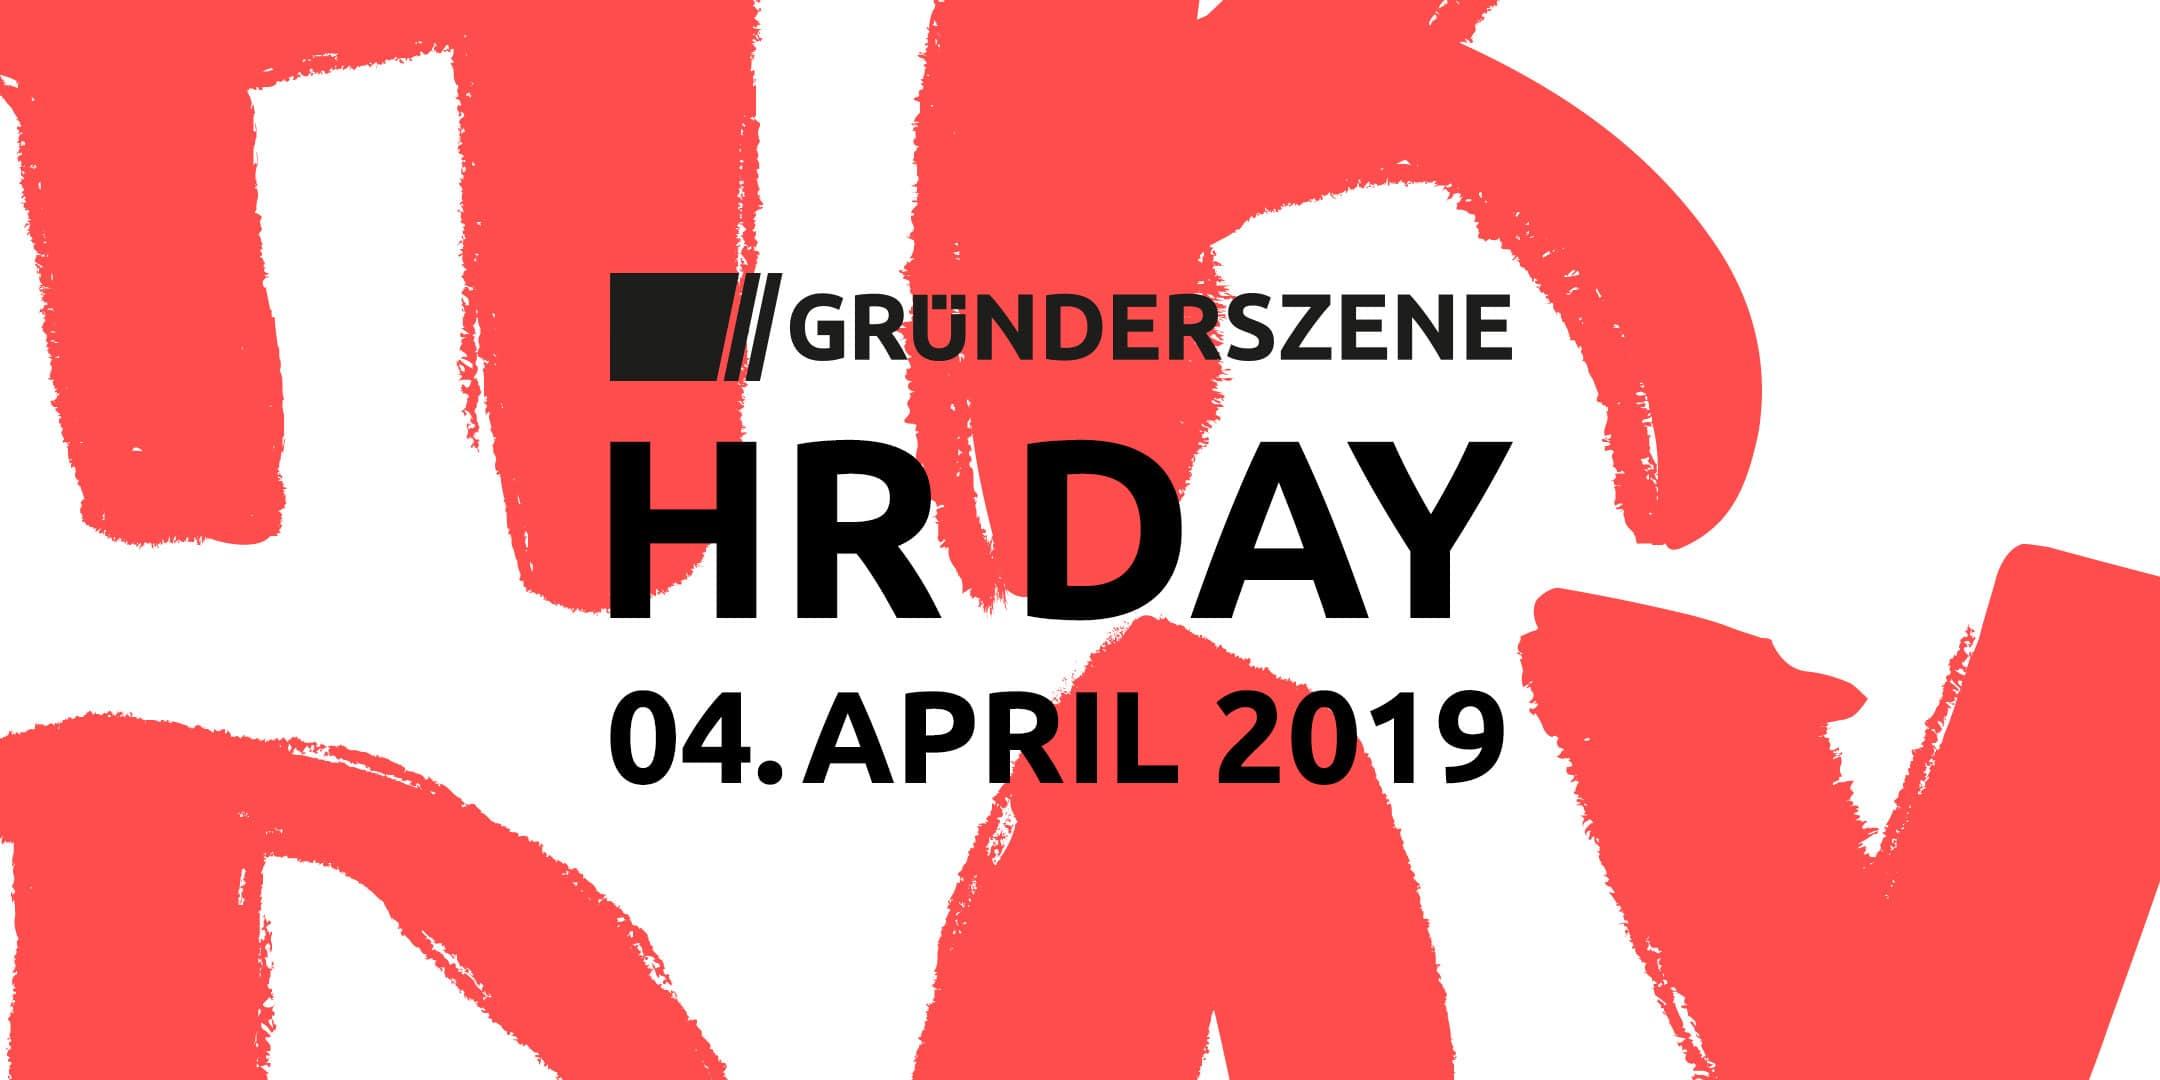 Gründerszene HR Day